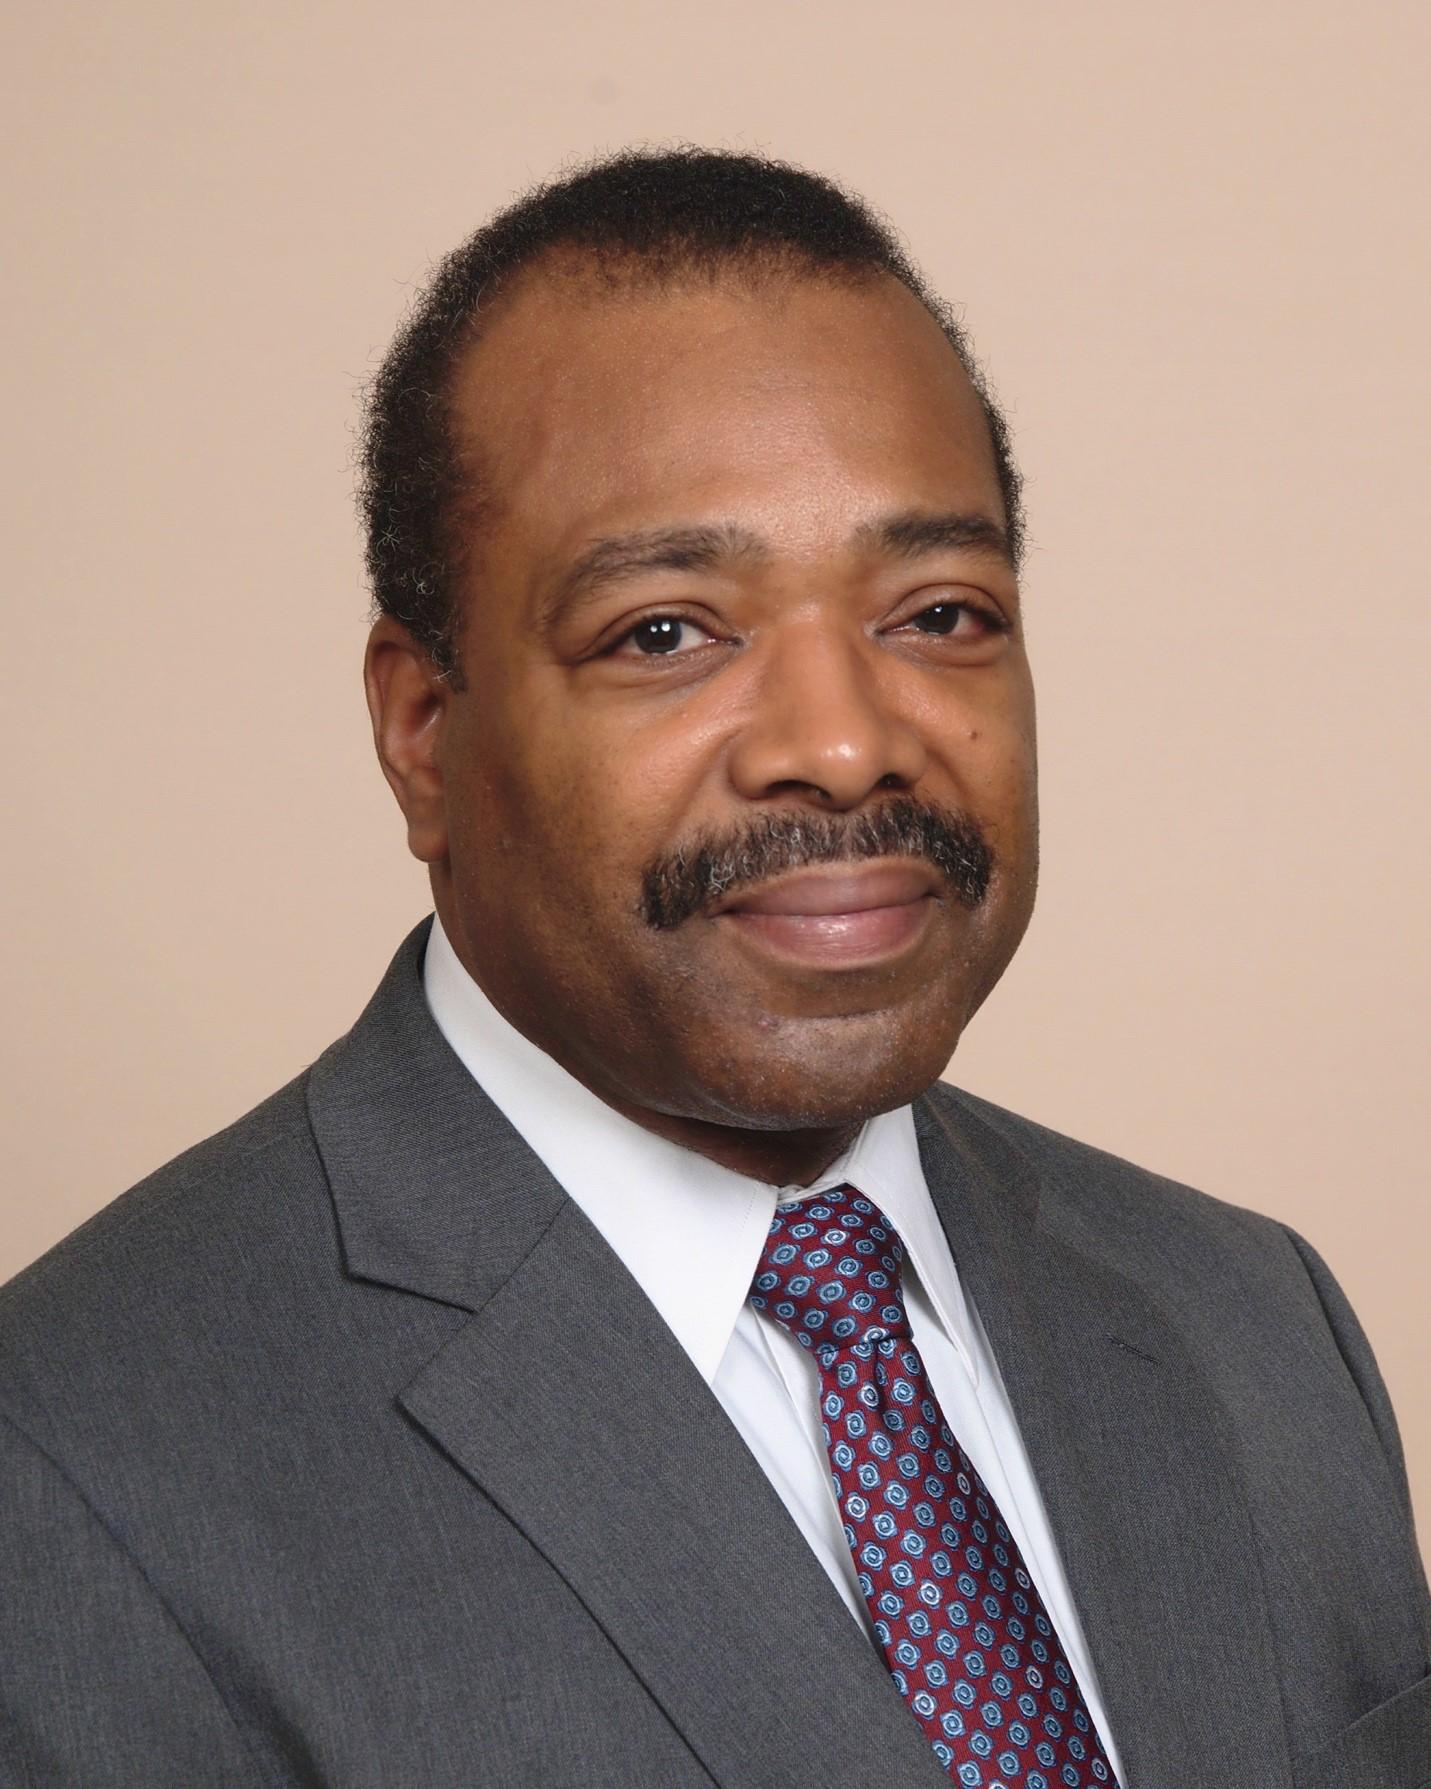 Frederick Ware